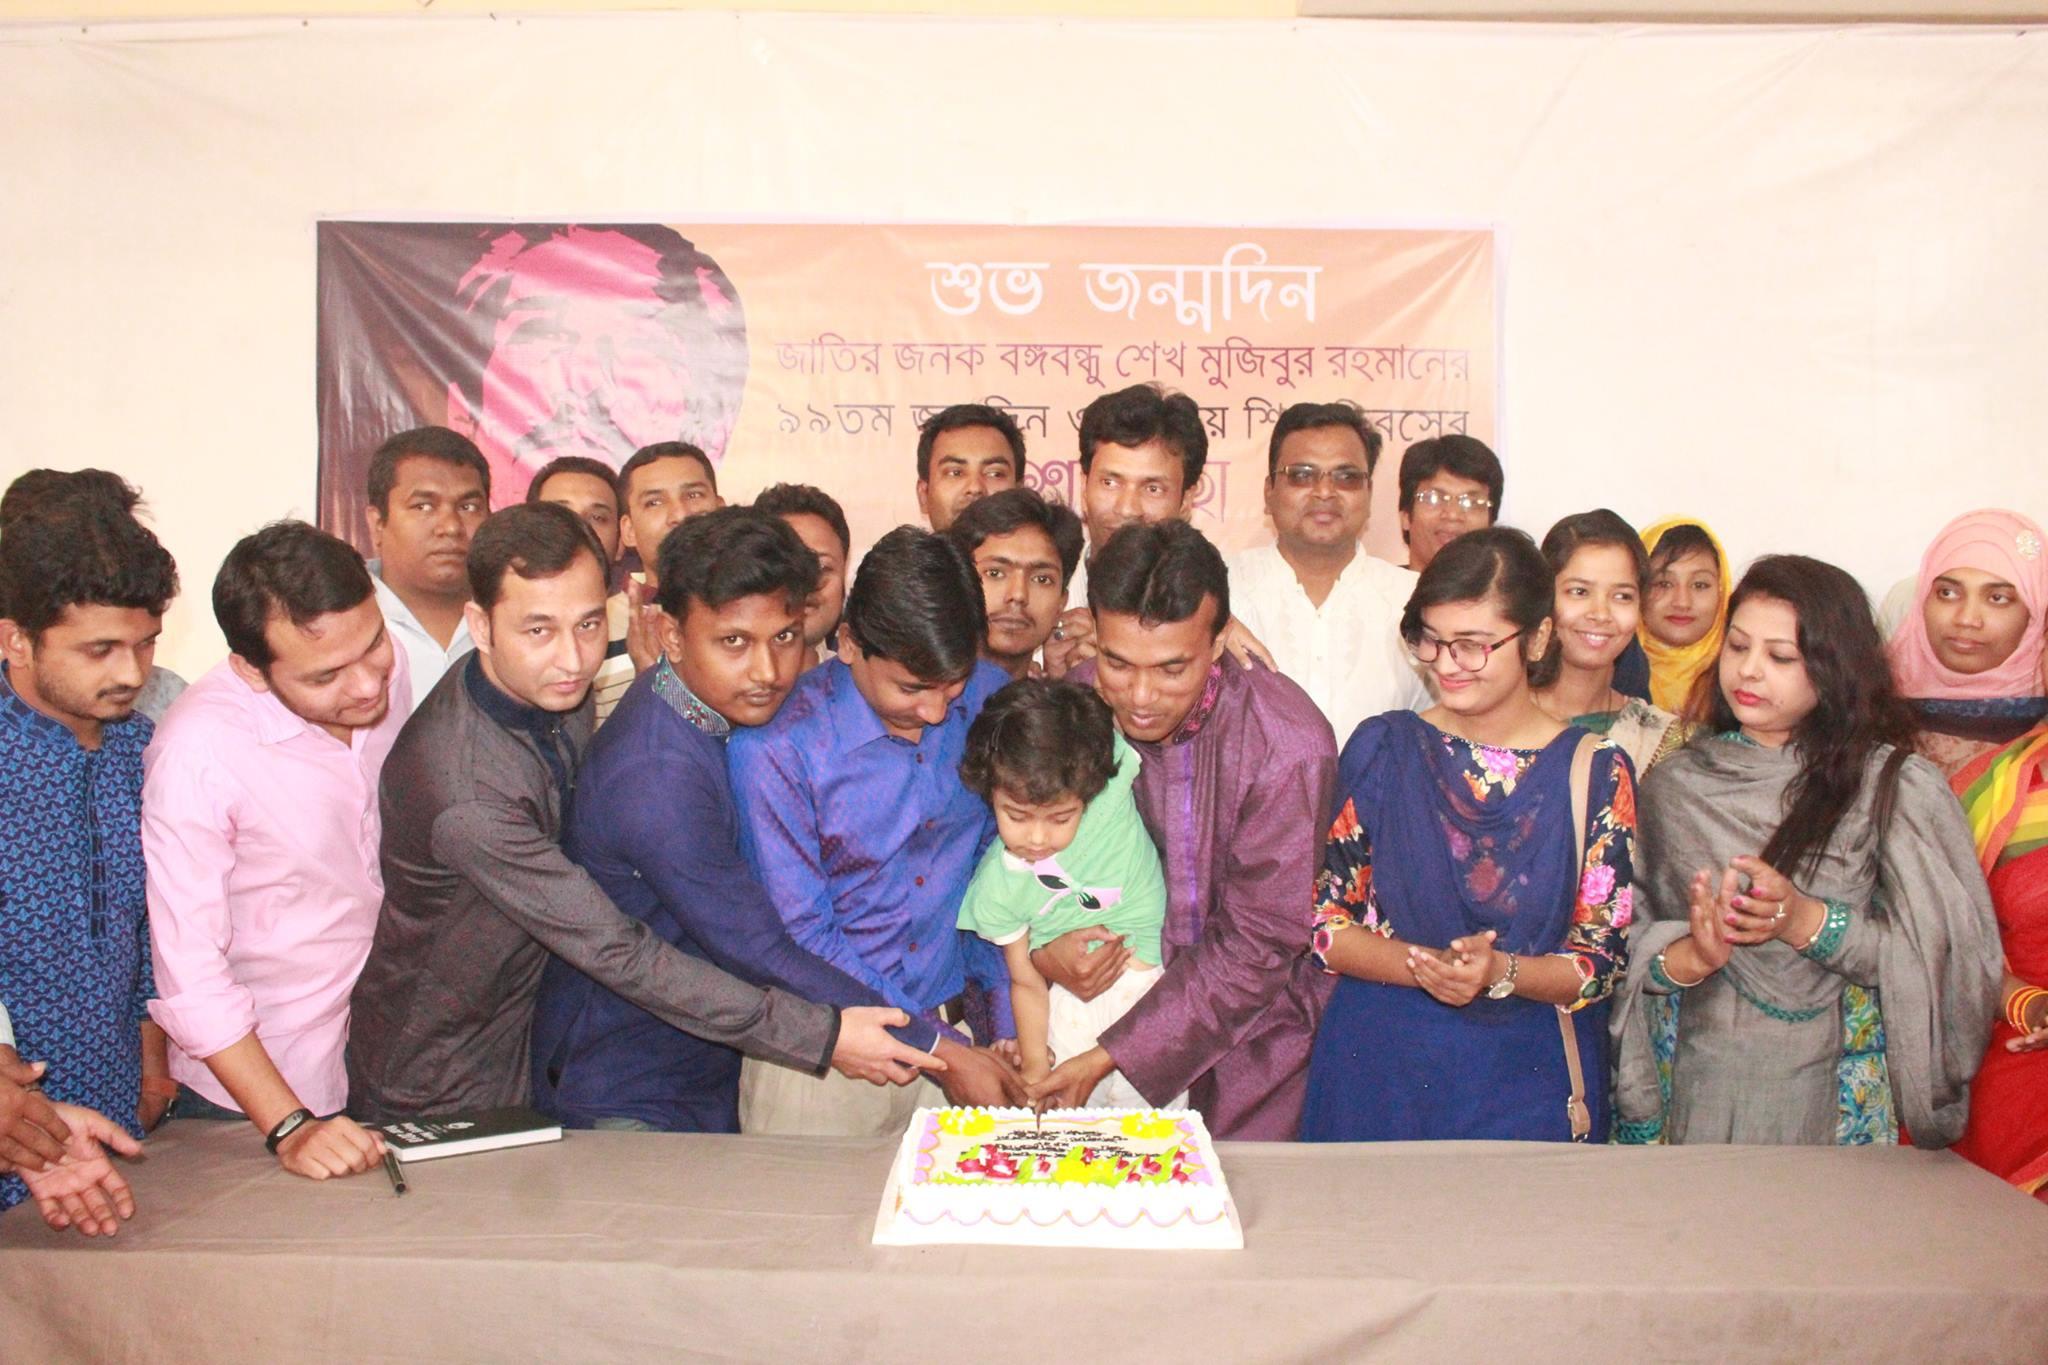 গুরুকুলে বঙ্গবন্ধুর জন্মদিনে স্টাফদের একাংশ-A Part of staffs on the birth anniversary of Bangabandhu in Gurukul